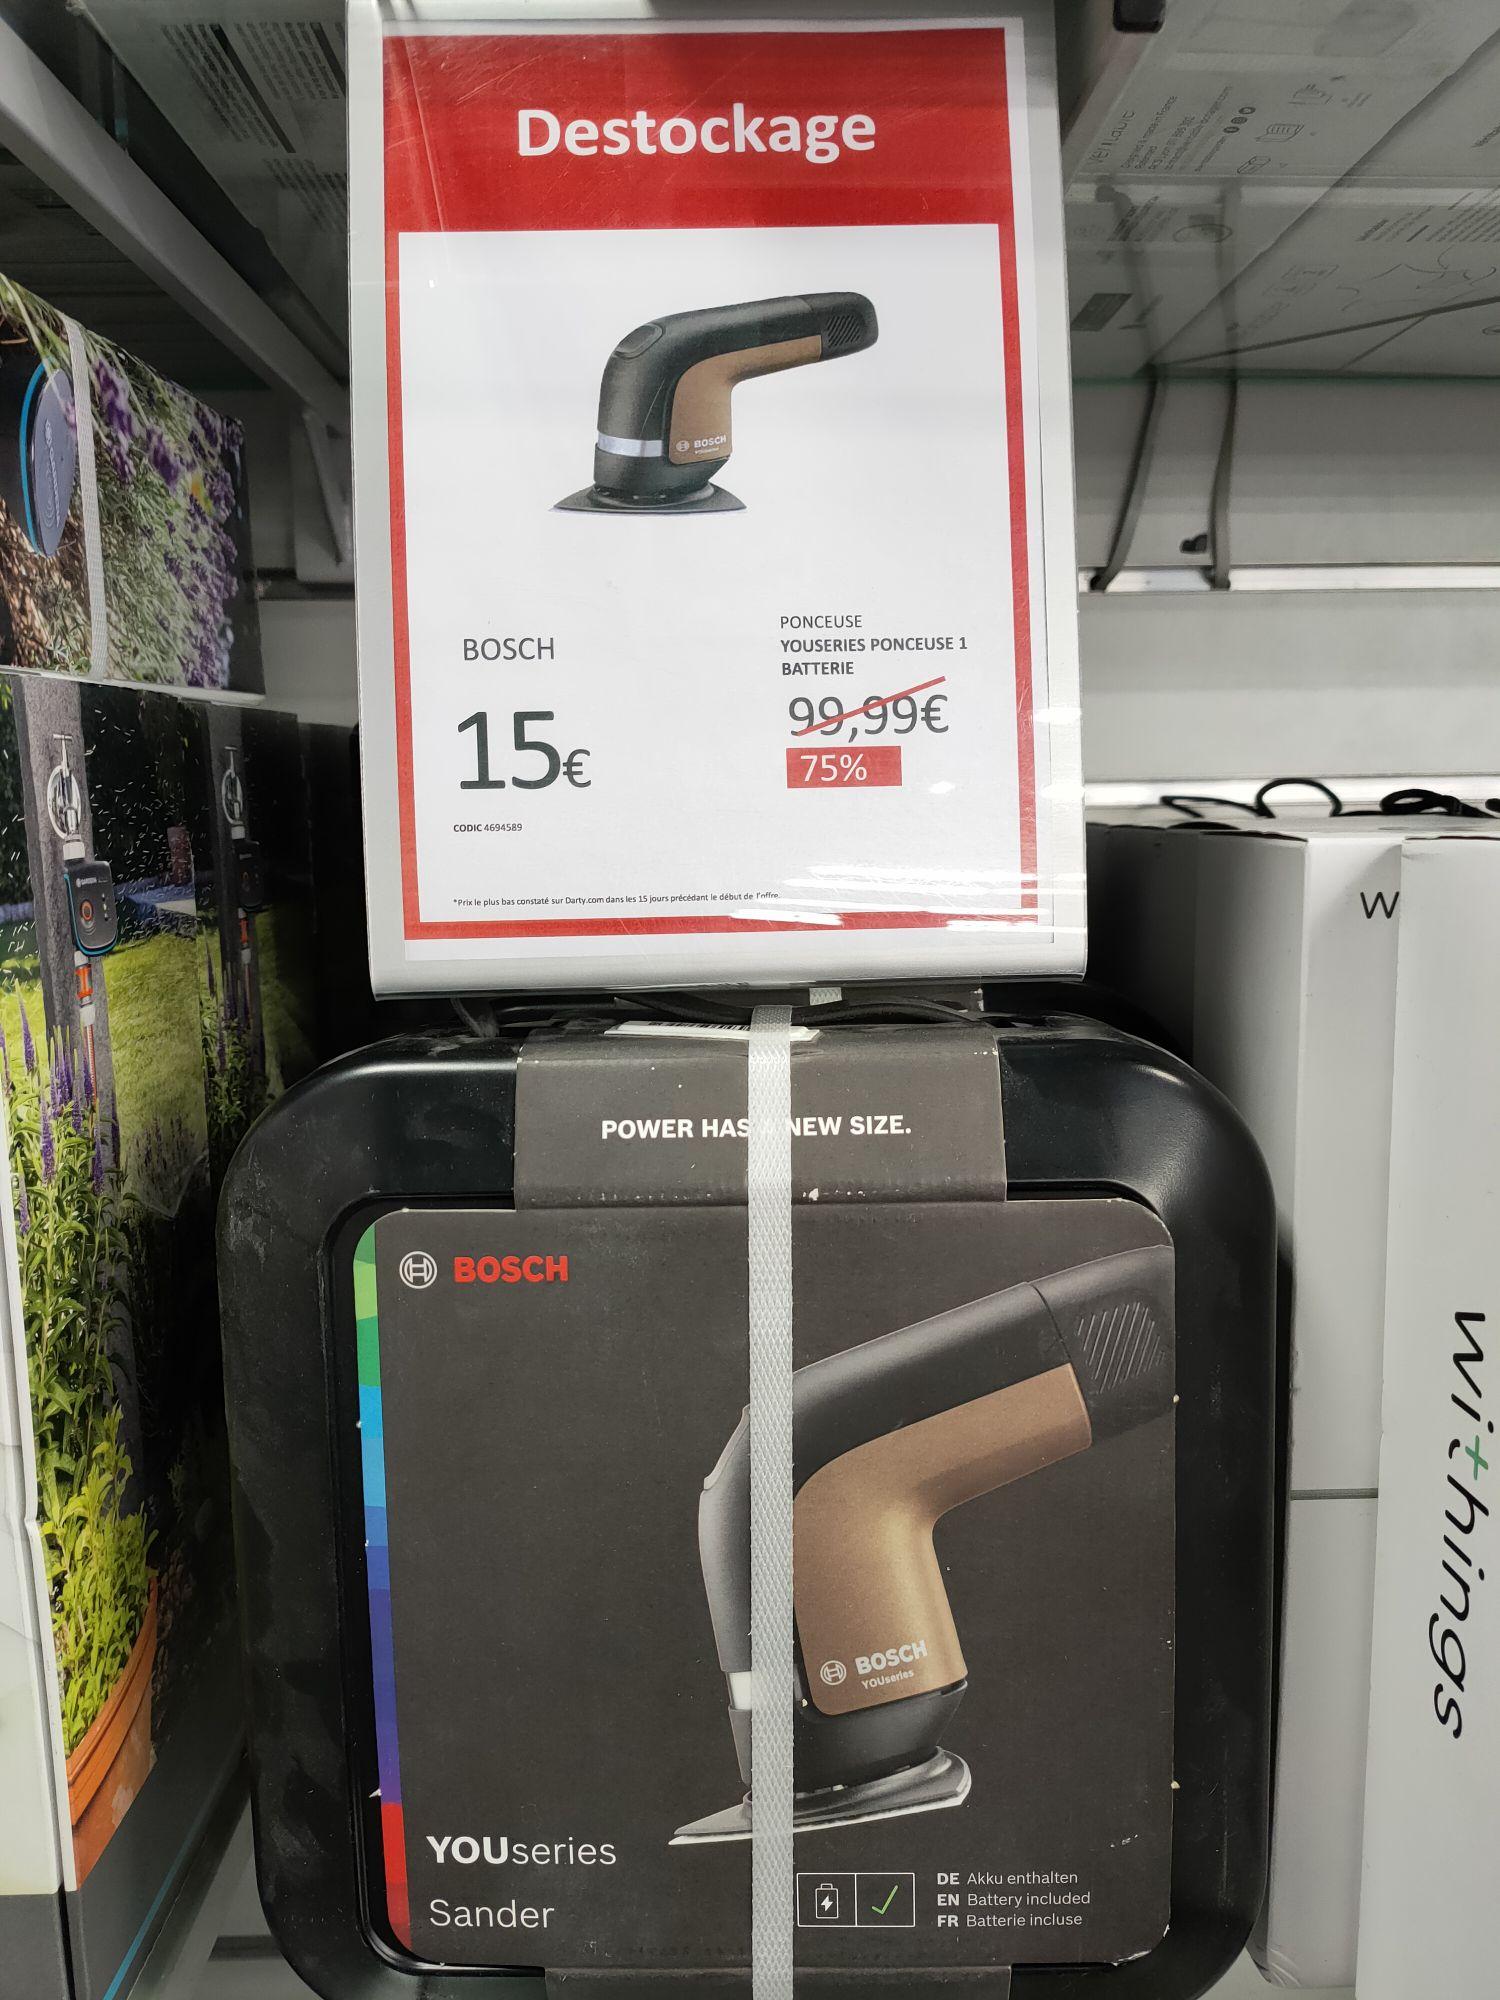 Ponceuse Sans-Fil Bosch YOUseries Sander avec 1 Batterie - Paris Belleville (75)